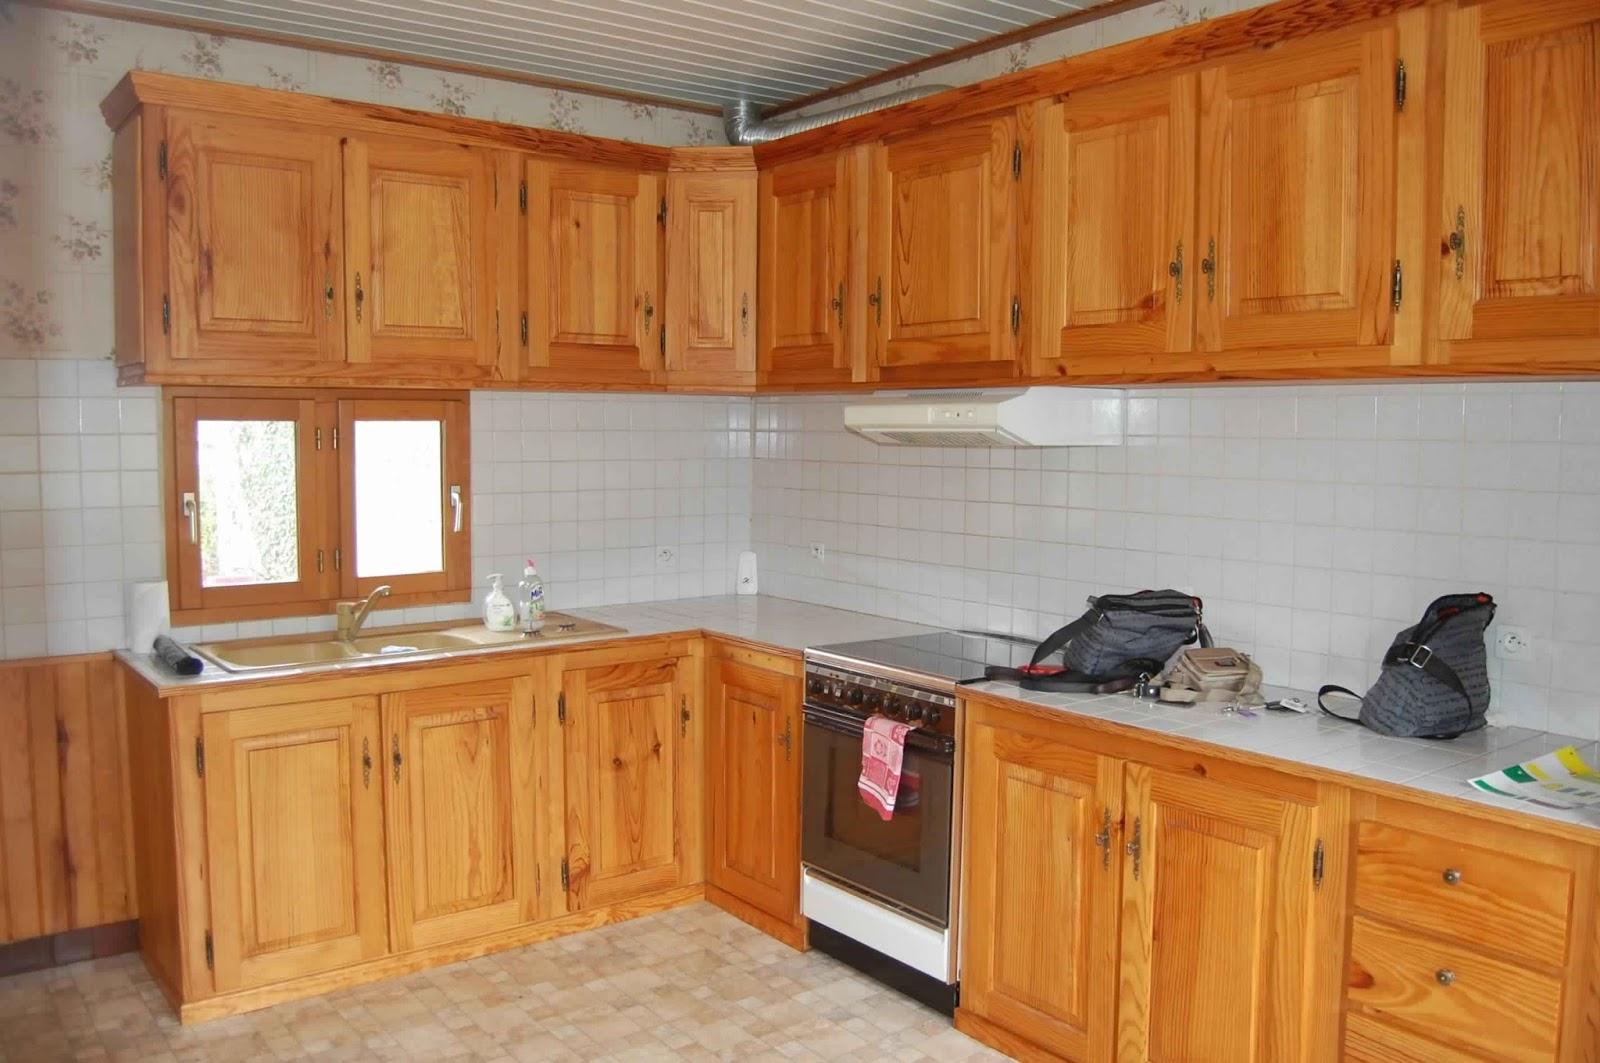 Peindre meubles cuisine en bois id e - Teindre un meuble en bois ...